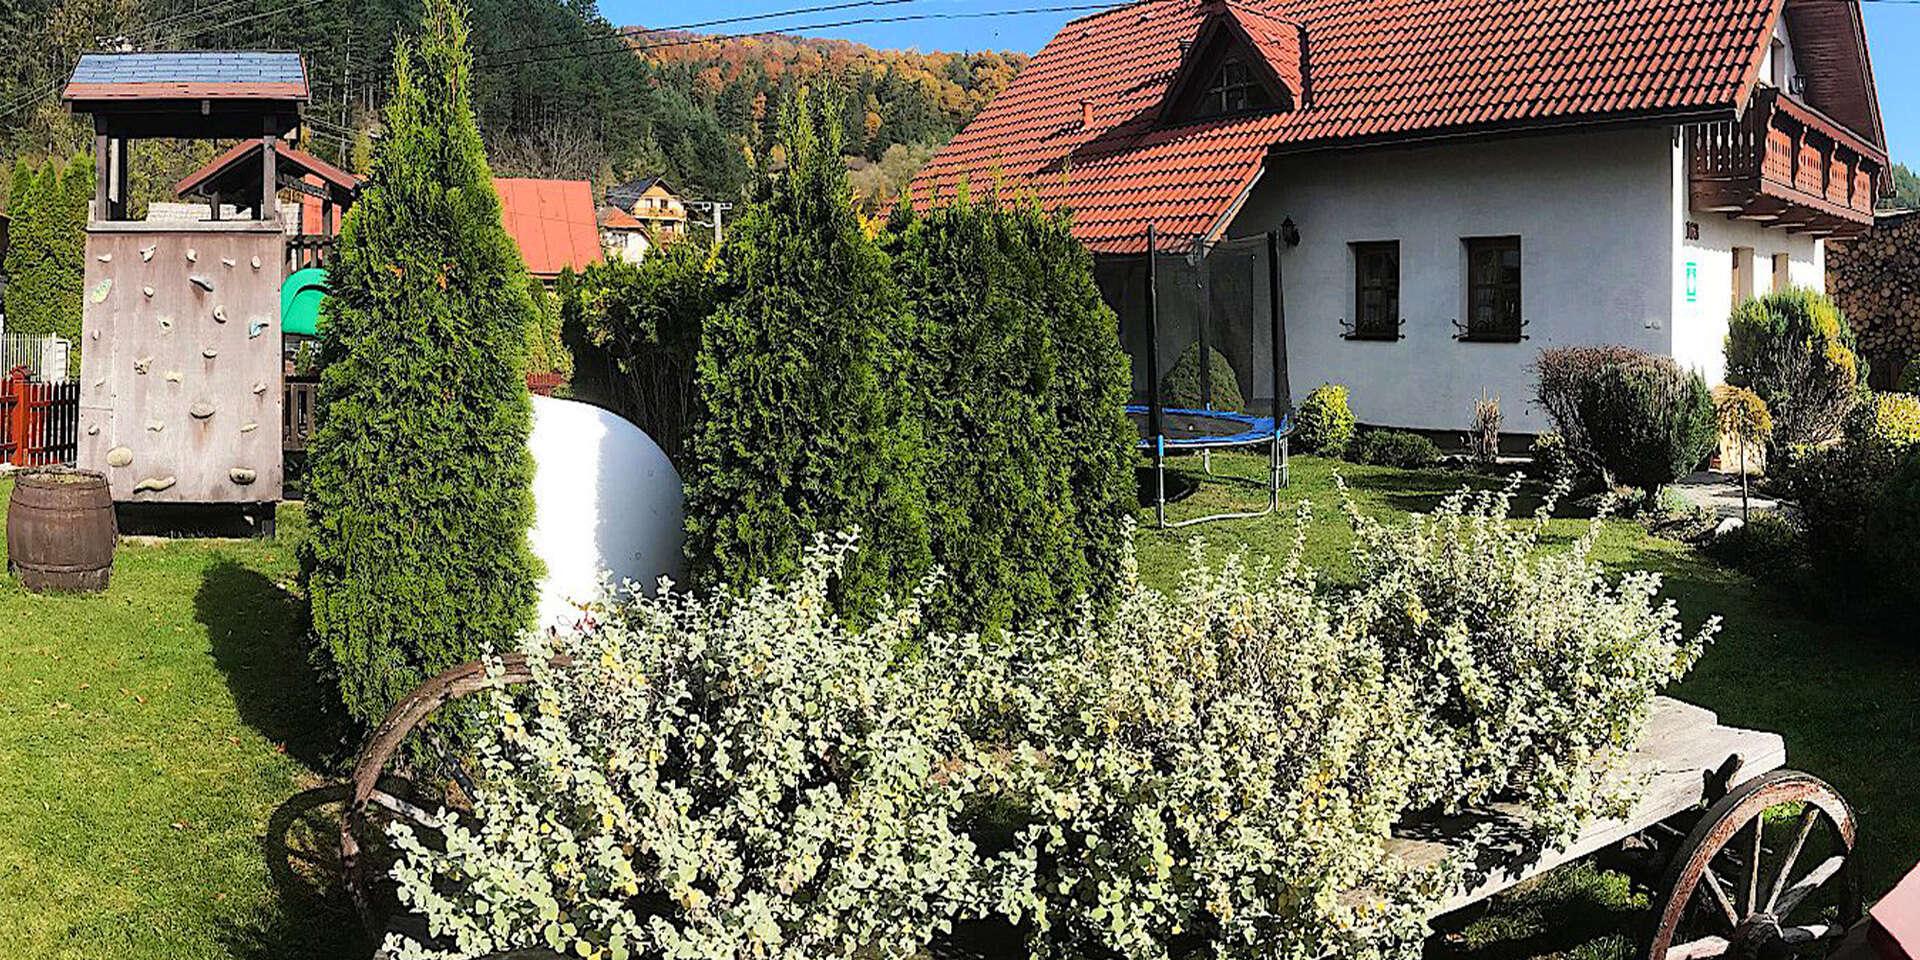 Prázdninový domček Bôrka pre rodinu + sauna, med, medovinka, dlhá platnosť a 1 noc zdarma